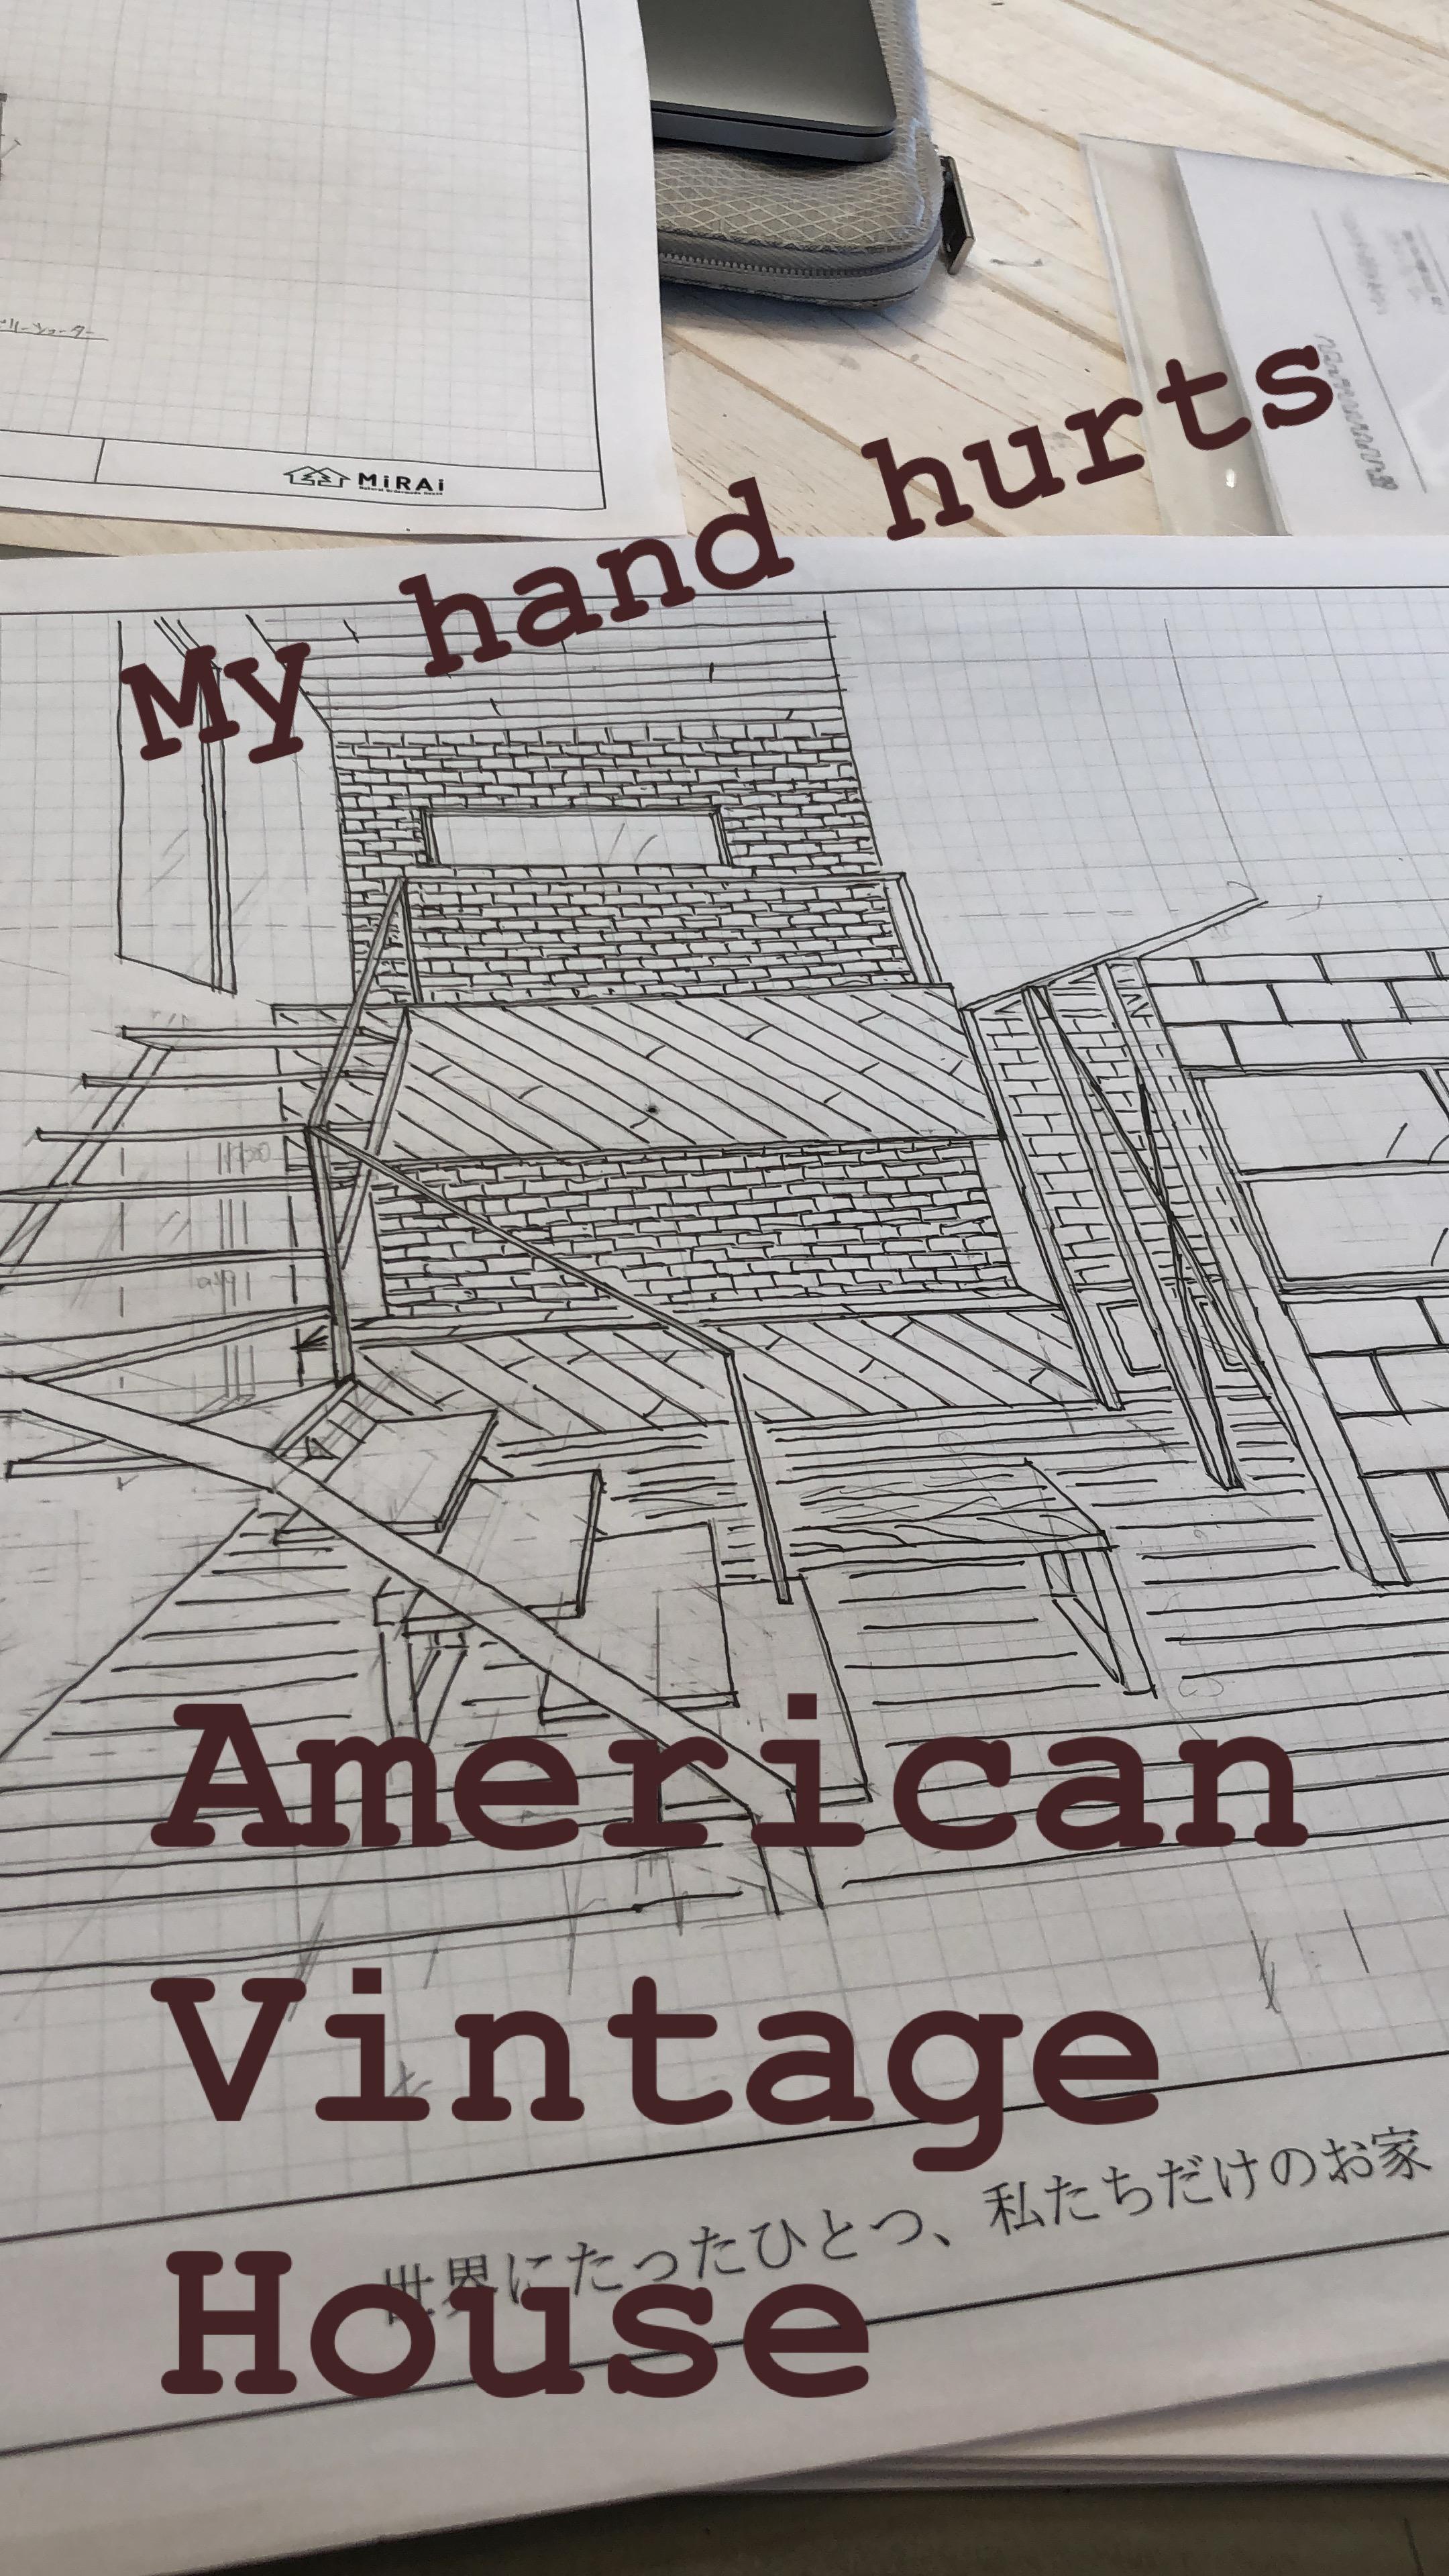 山梨県の工務店、未来建築工房のややイケメン作。アメリカンヴィンテージハウスのスケッチパース。